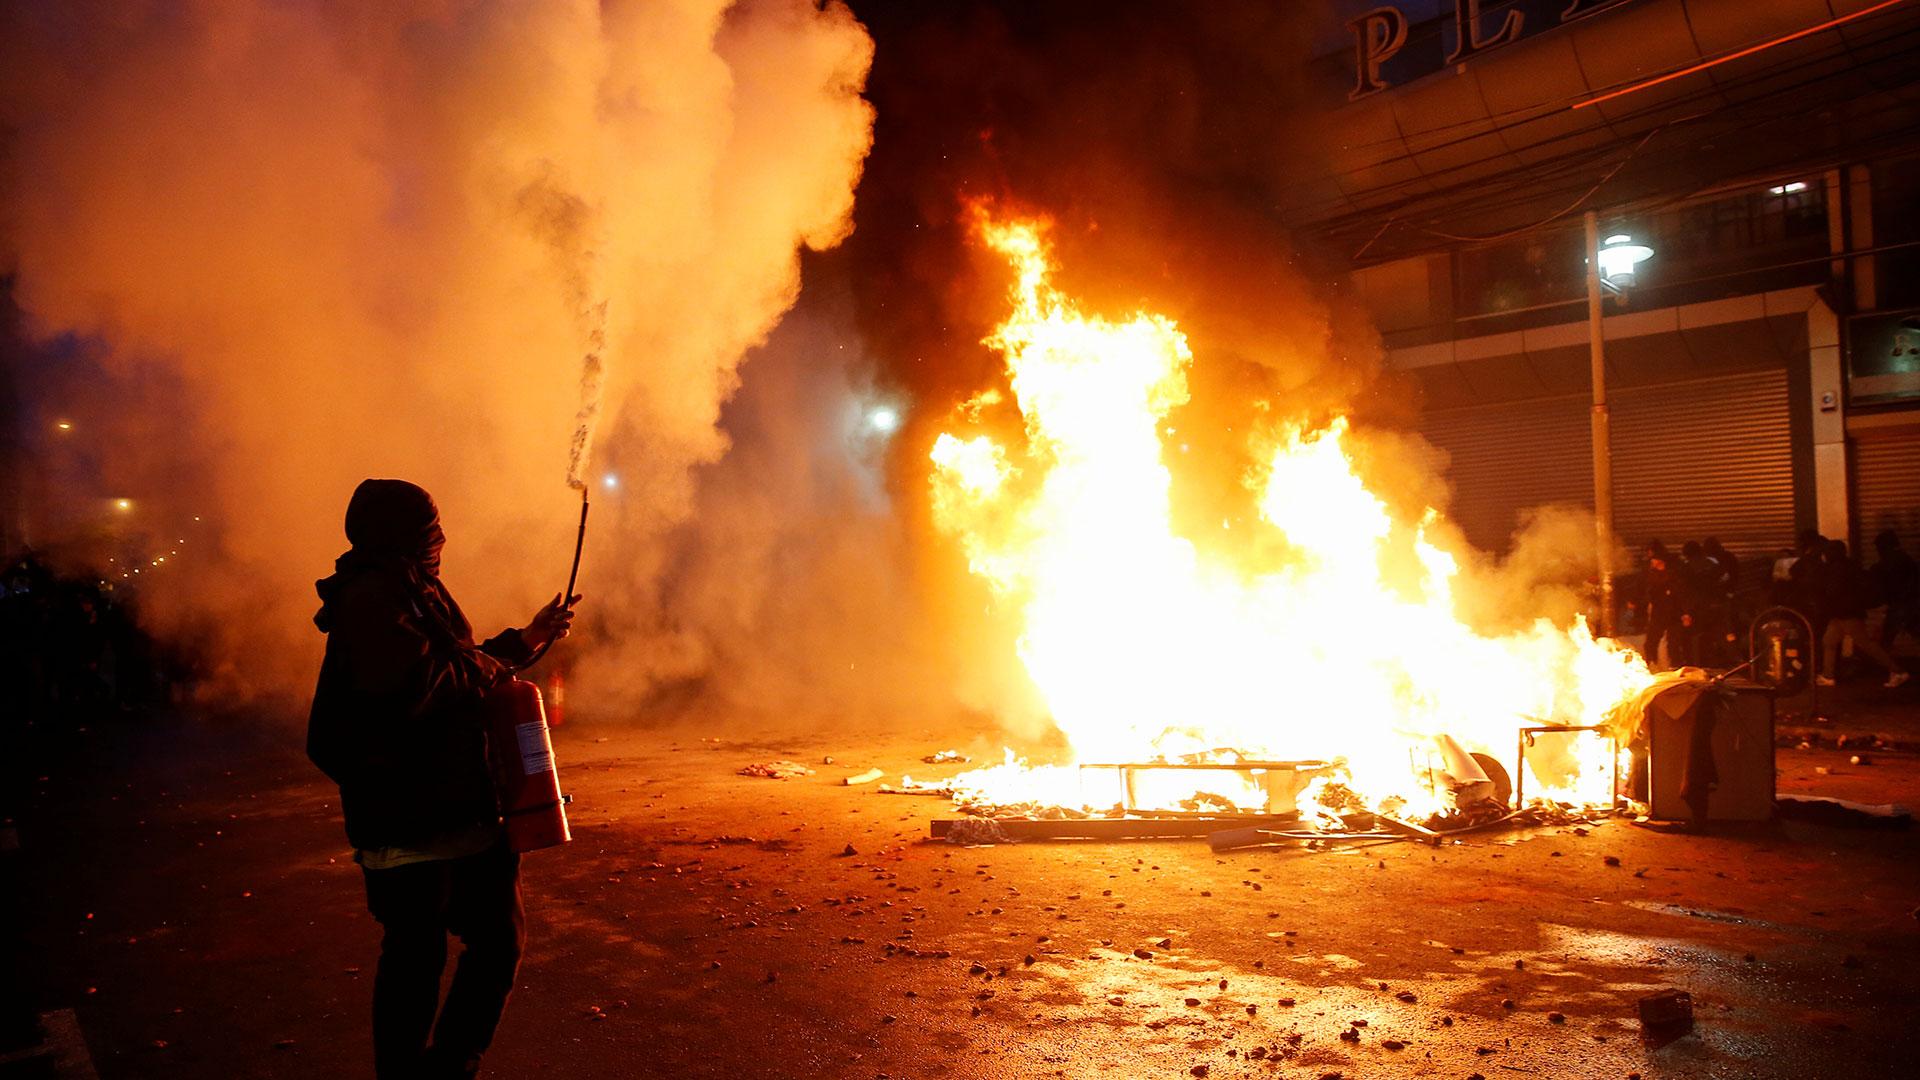 las protestas se radicalizaron y derivaron en graves hechos vandálicos en Santiago de Chile, que se replicaron de nuevo esta jornada en la capital del país pero que se extendieron también a otras ciudades, como Concepción (centro-sur) y Valparaíso (costa central).